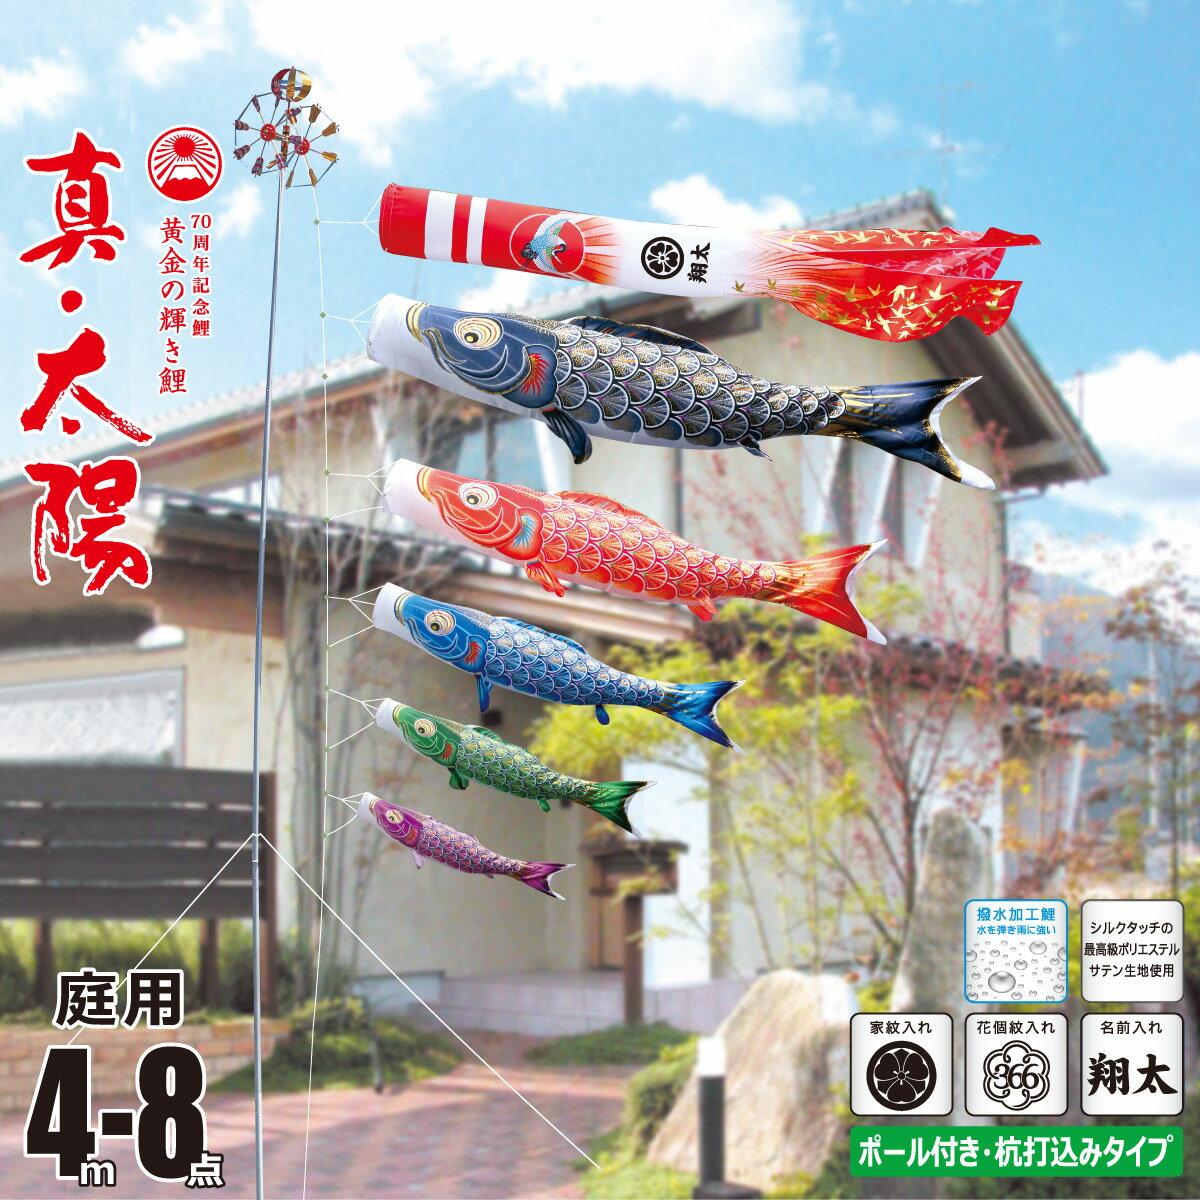 こいのぼり 4m 真・太陽 8点 (矢車、ロープ、吹流し、鯉5匹) 庭園用 ガーデンセット (専用ポール一式) 徳永鯉のぼり ポイント20倍 KIT-003-774